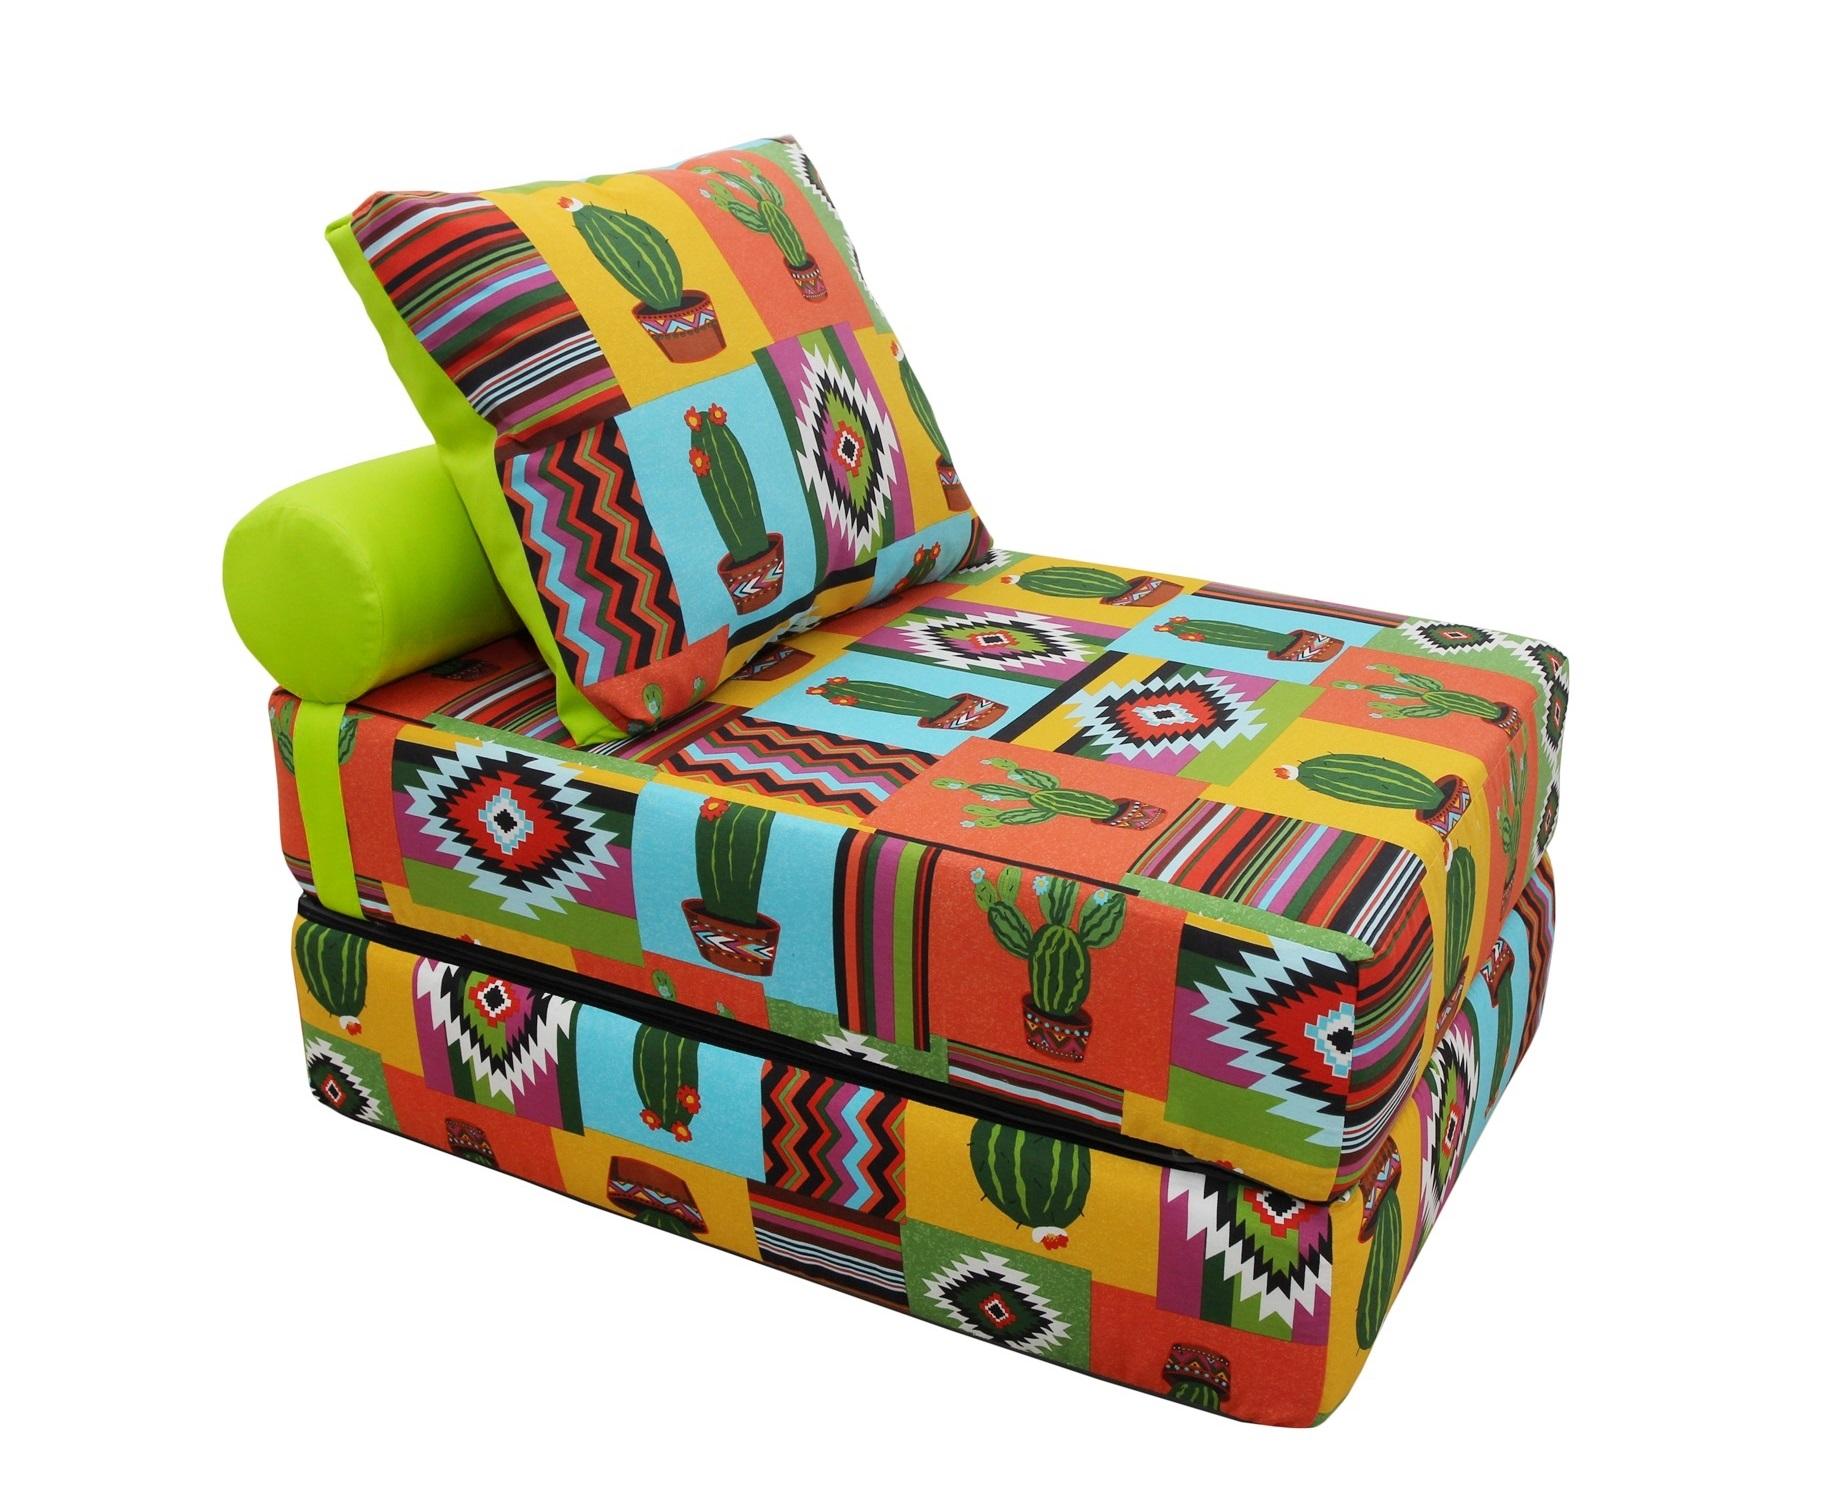 Кресло-кроватьКресла-кровати<br>&amp;lt;div&amp;gt;Если ваша душа всегда требует творчества и вы не сторонник скучных дизайнерских решений - присмотритесь к этому дивану-кровати. Он представляет собой матрас, складывающийся пополам. Съемный чехол позволит менять расцветку вашей кровати так часто, как вы сами того пожелаете, ведь в этой линейке очень много вариантов необычных и ярких орнаментов. Жесткость матраса оптимальна для полноценного сна, а компактность этого дивана позволит ему поместиться даже в небольшом помещении.&amp;lt;/div&amp;gt;&amp;lt;div&amp;gt;&amp;lt;br&amp;gt;&amp;lt;/div&amp;gt;&amp;lt;div&amp;gt;В сложенном виде: 70х40х100, в разобранном виде 70х20х200, валик d20х40, подушка 50х70 см.&amp;lt;/div&amp;gt;<br><br>Material: Текстиль<br>Length см: None<br>Width см: 100<br>Depth см: 70<br>Height см: 40